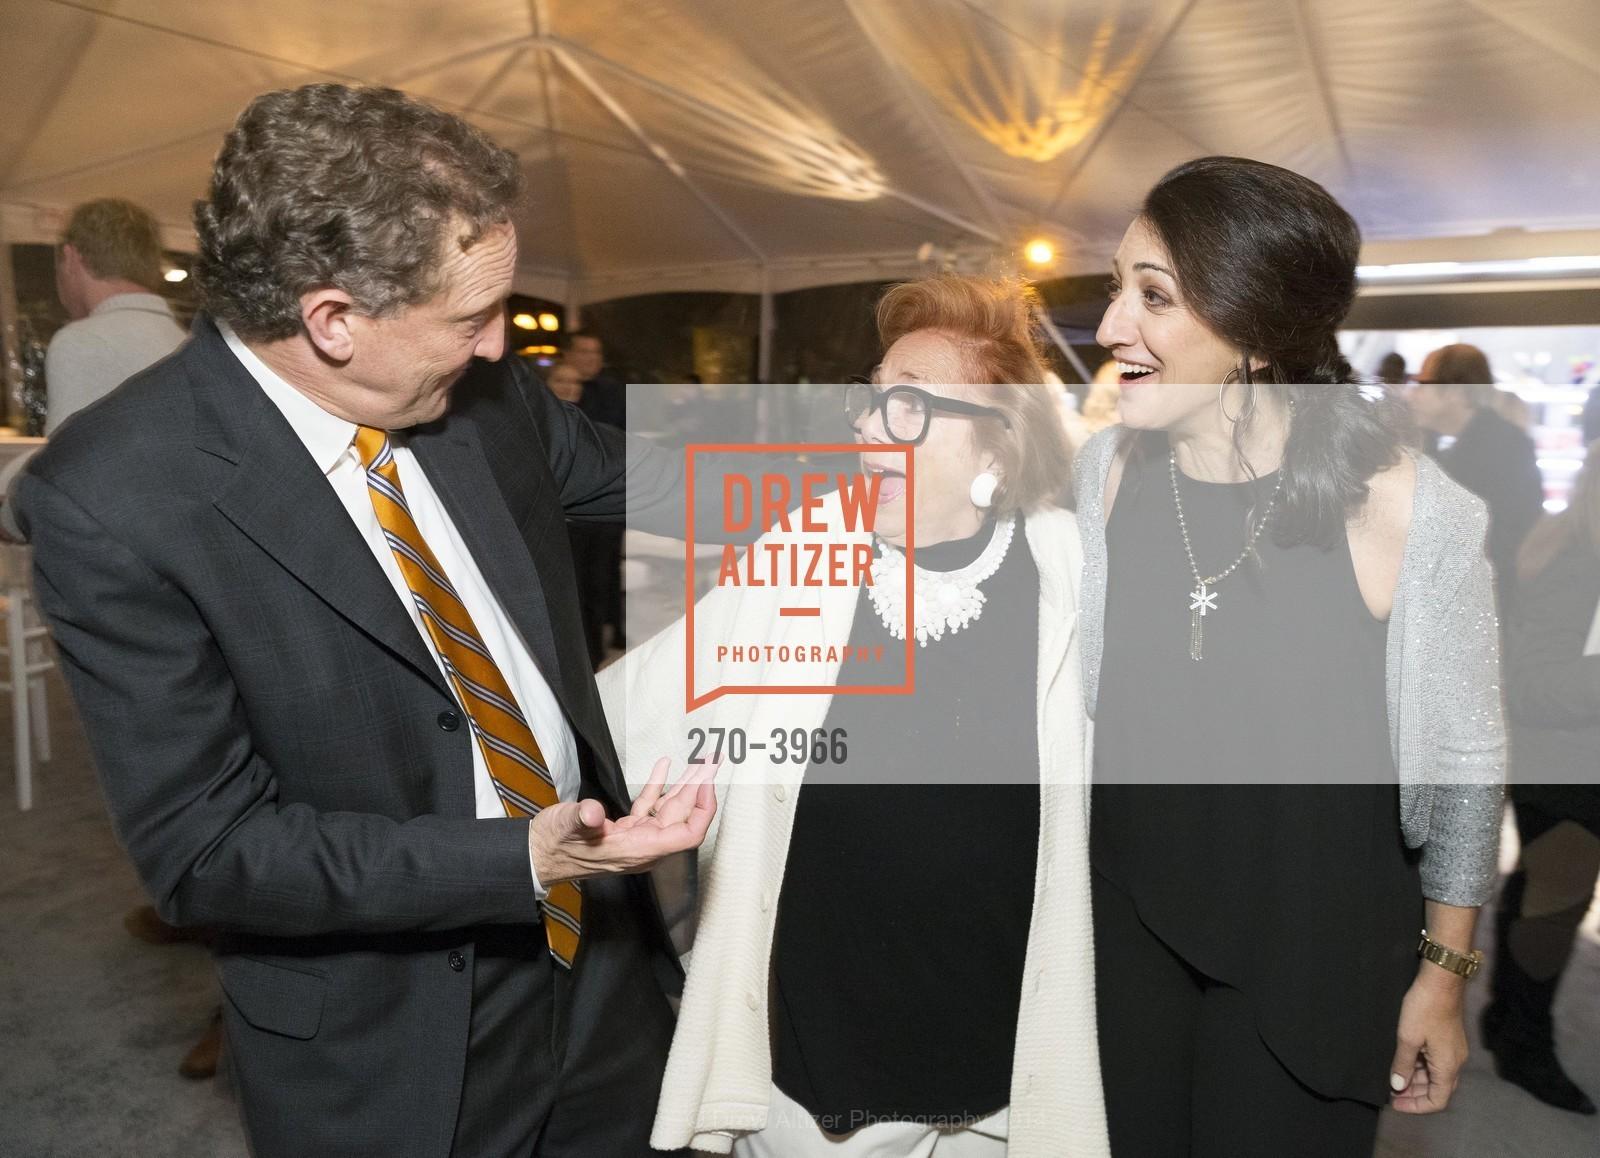 Larry Baer, Ellen Newman, Pam Baer, Photo #270-3966